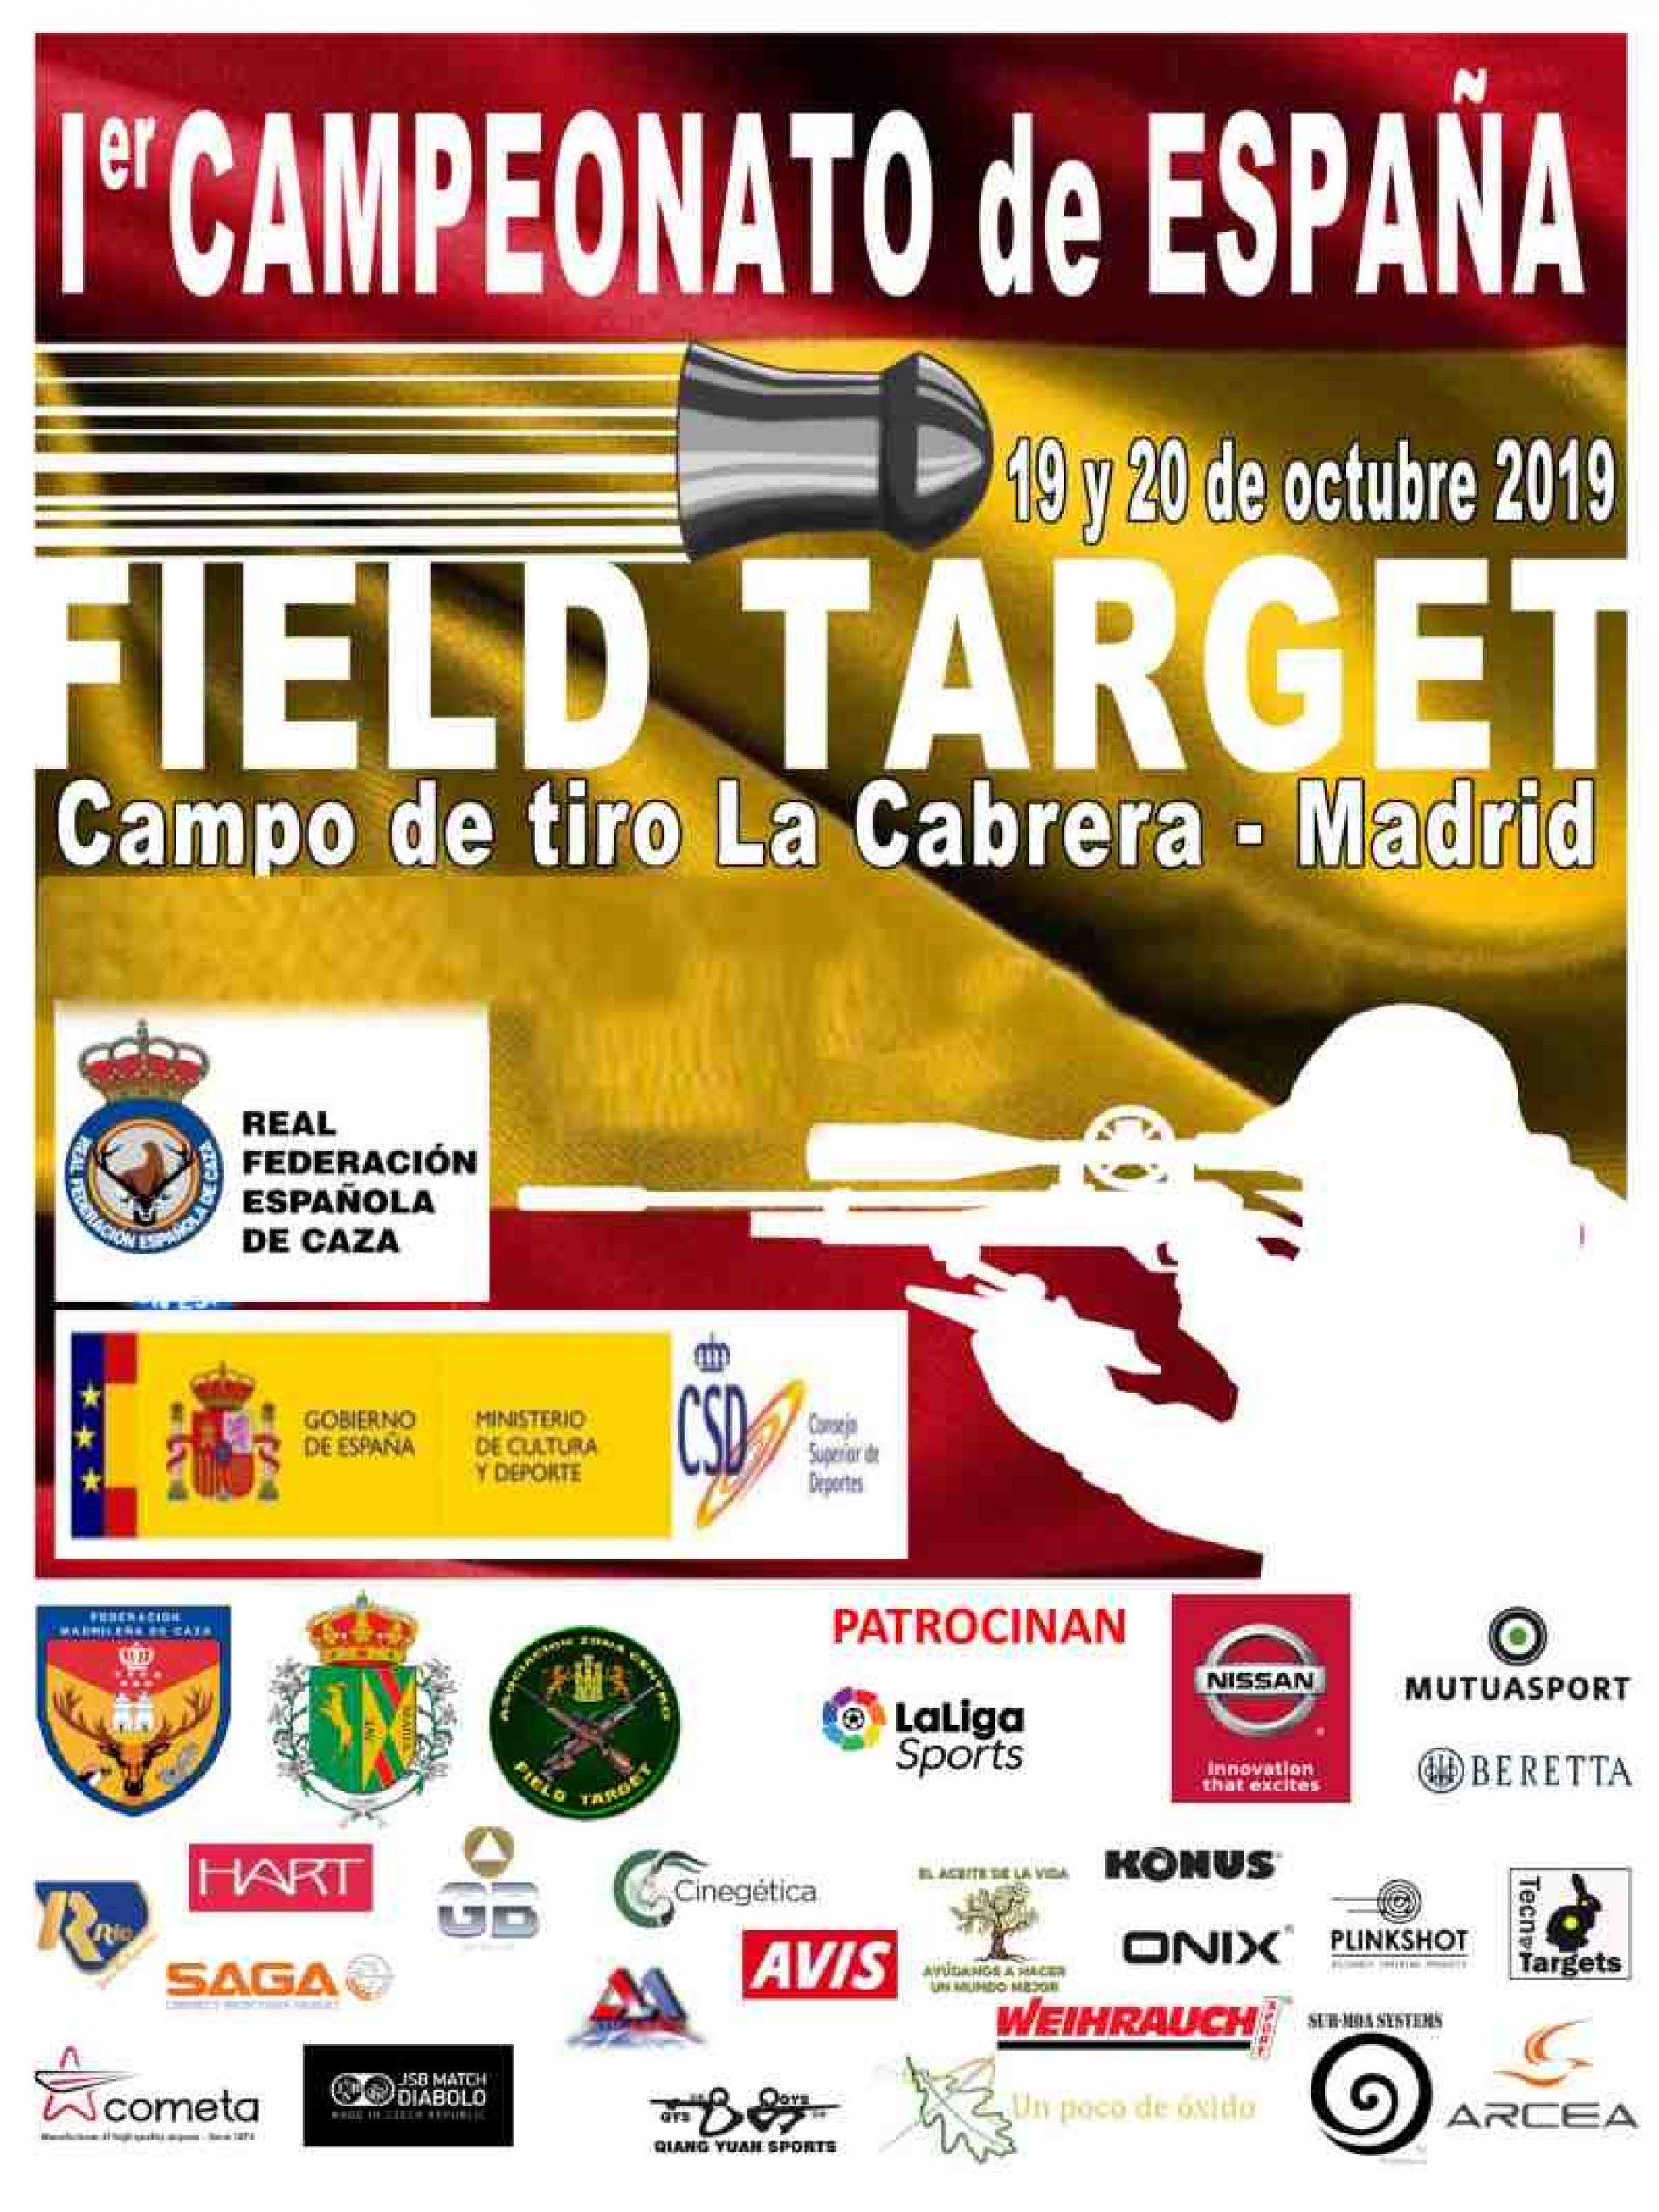 Este fin de semana arranca el primer Campeonato de España de Field Target